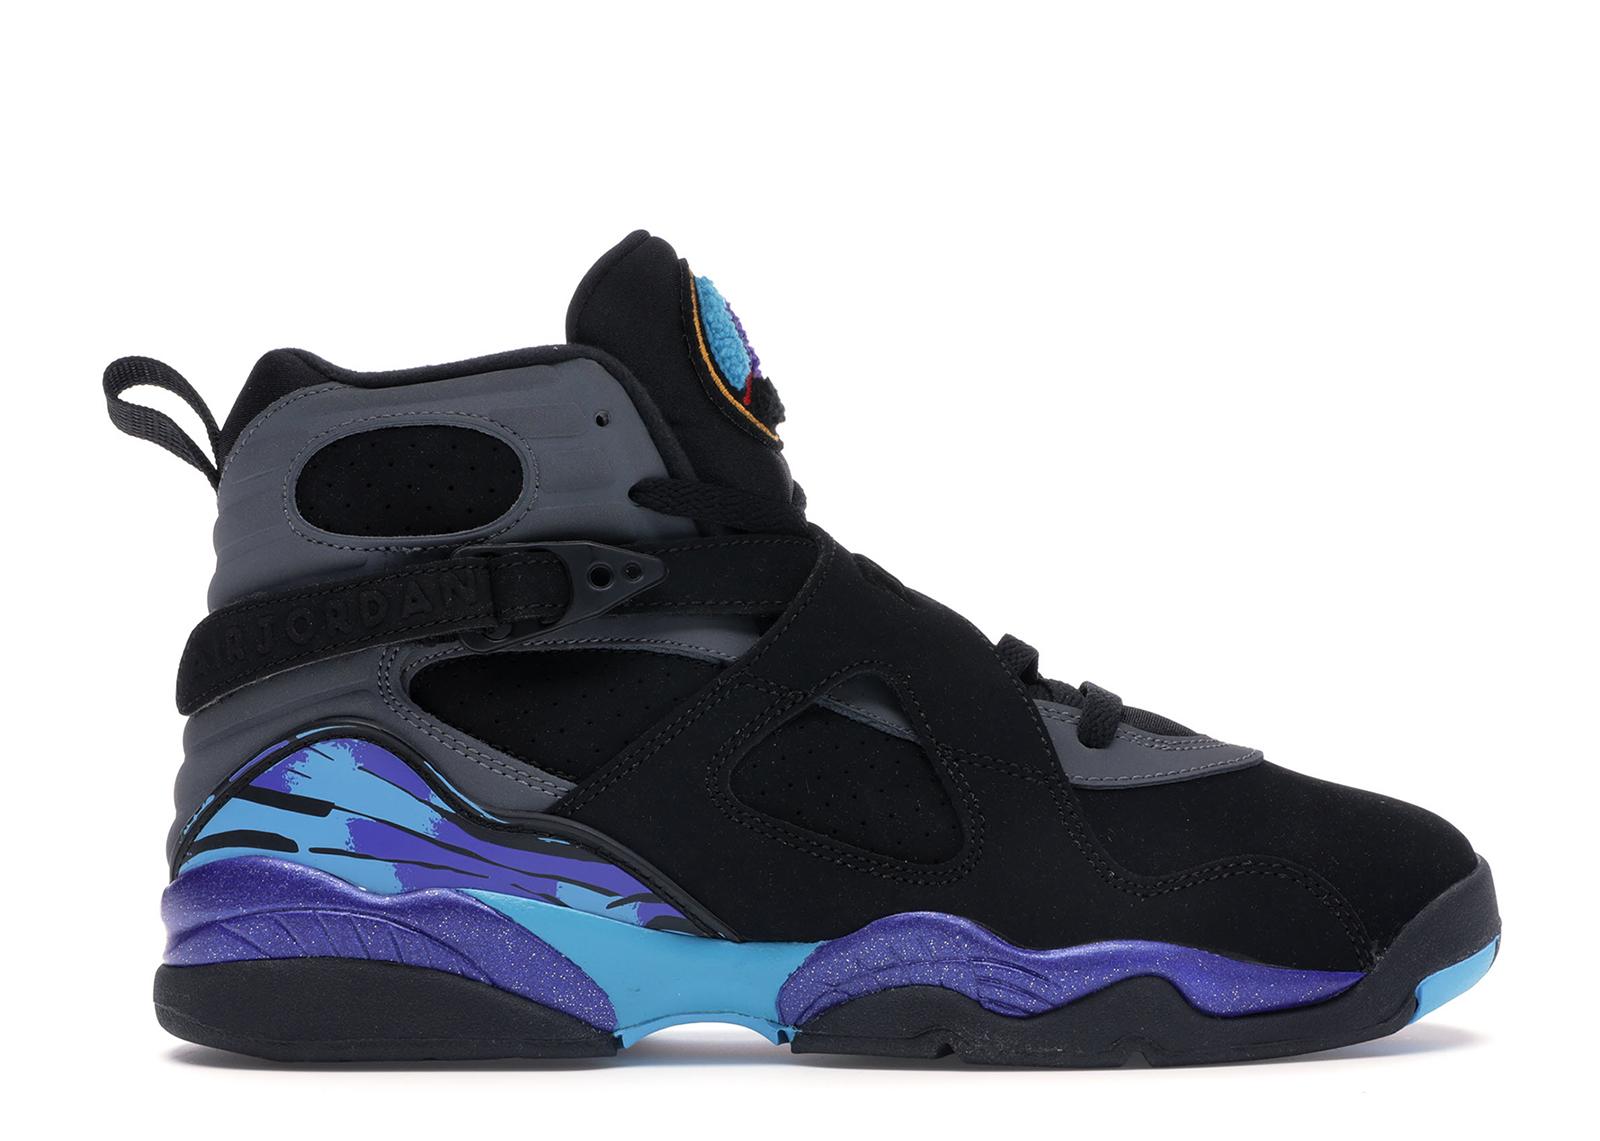 Jordan 8 Retro Aqua 2015 (GS) - 305368-025